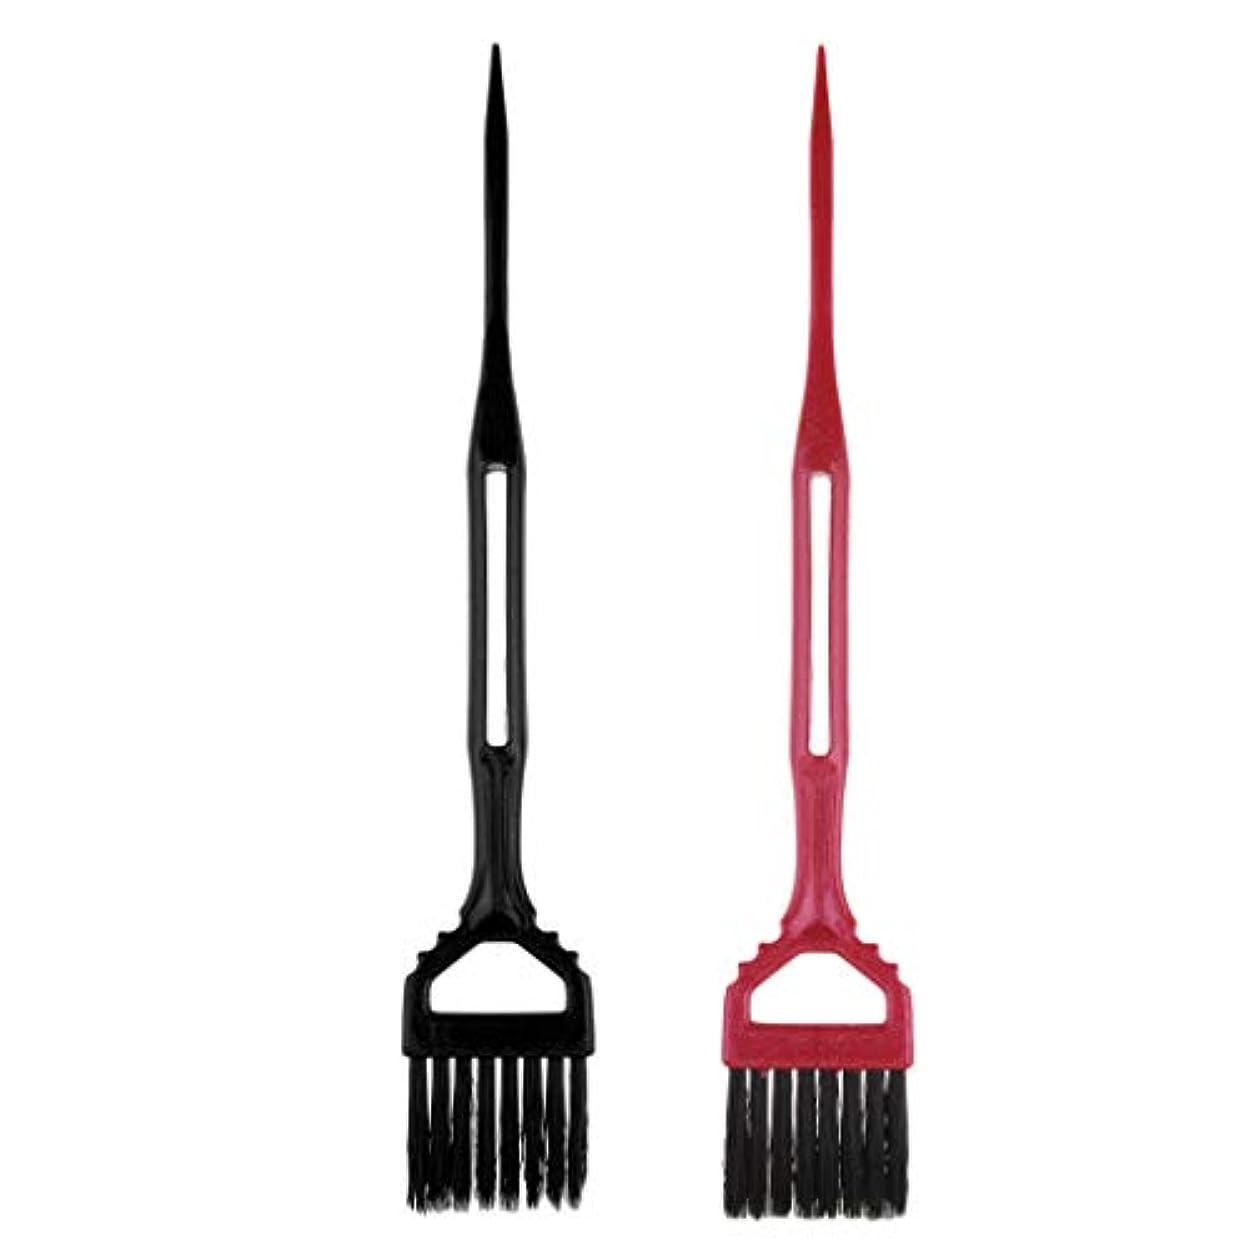 電気物語便益Toygogo 2サロン理髪髪染め櫛分布ブラシツールのセット髪型染め染め櫛ツール